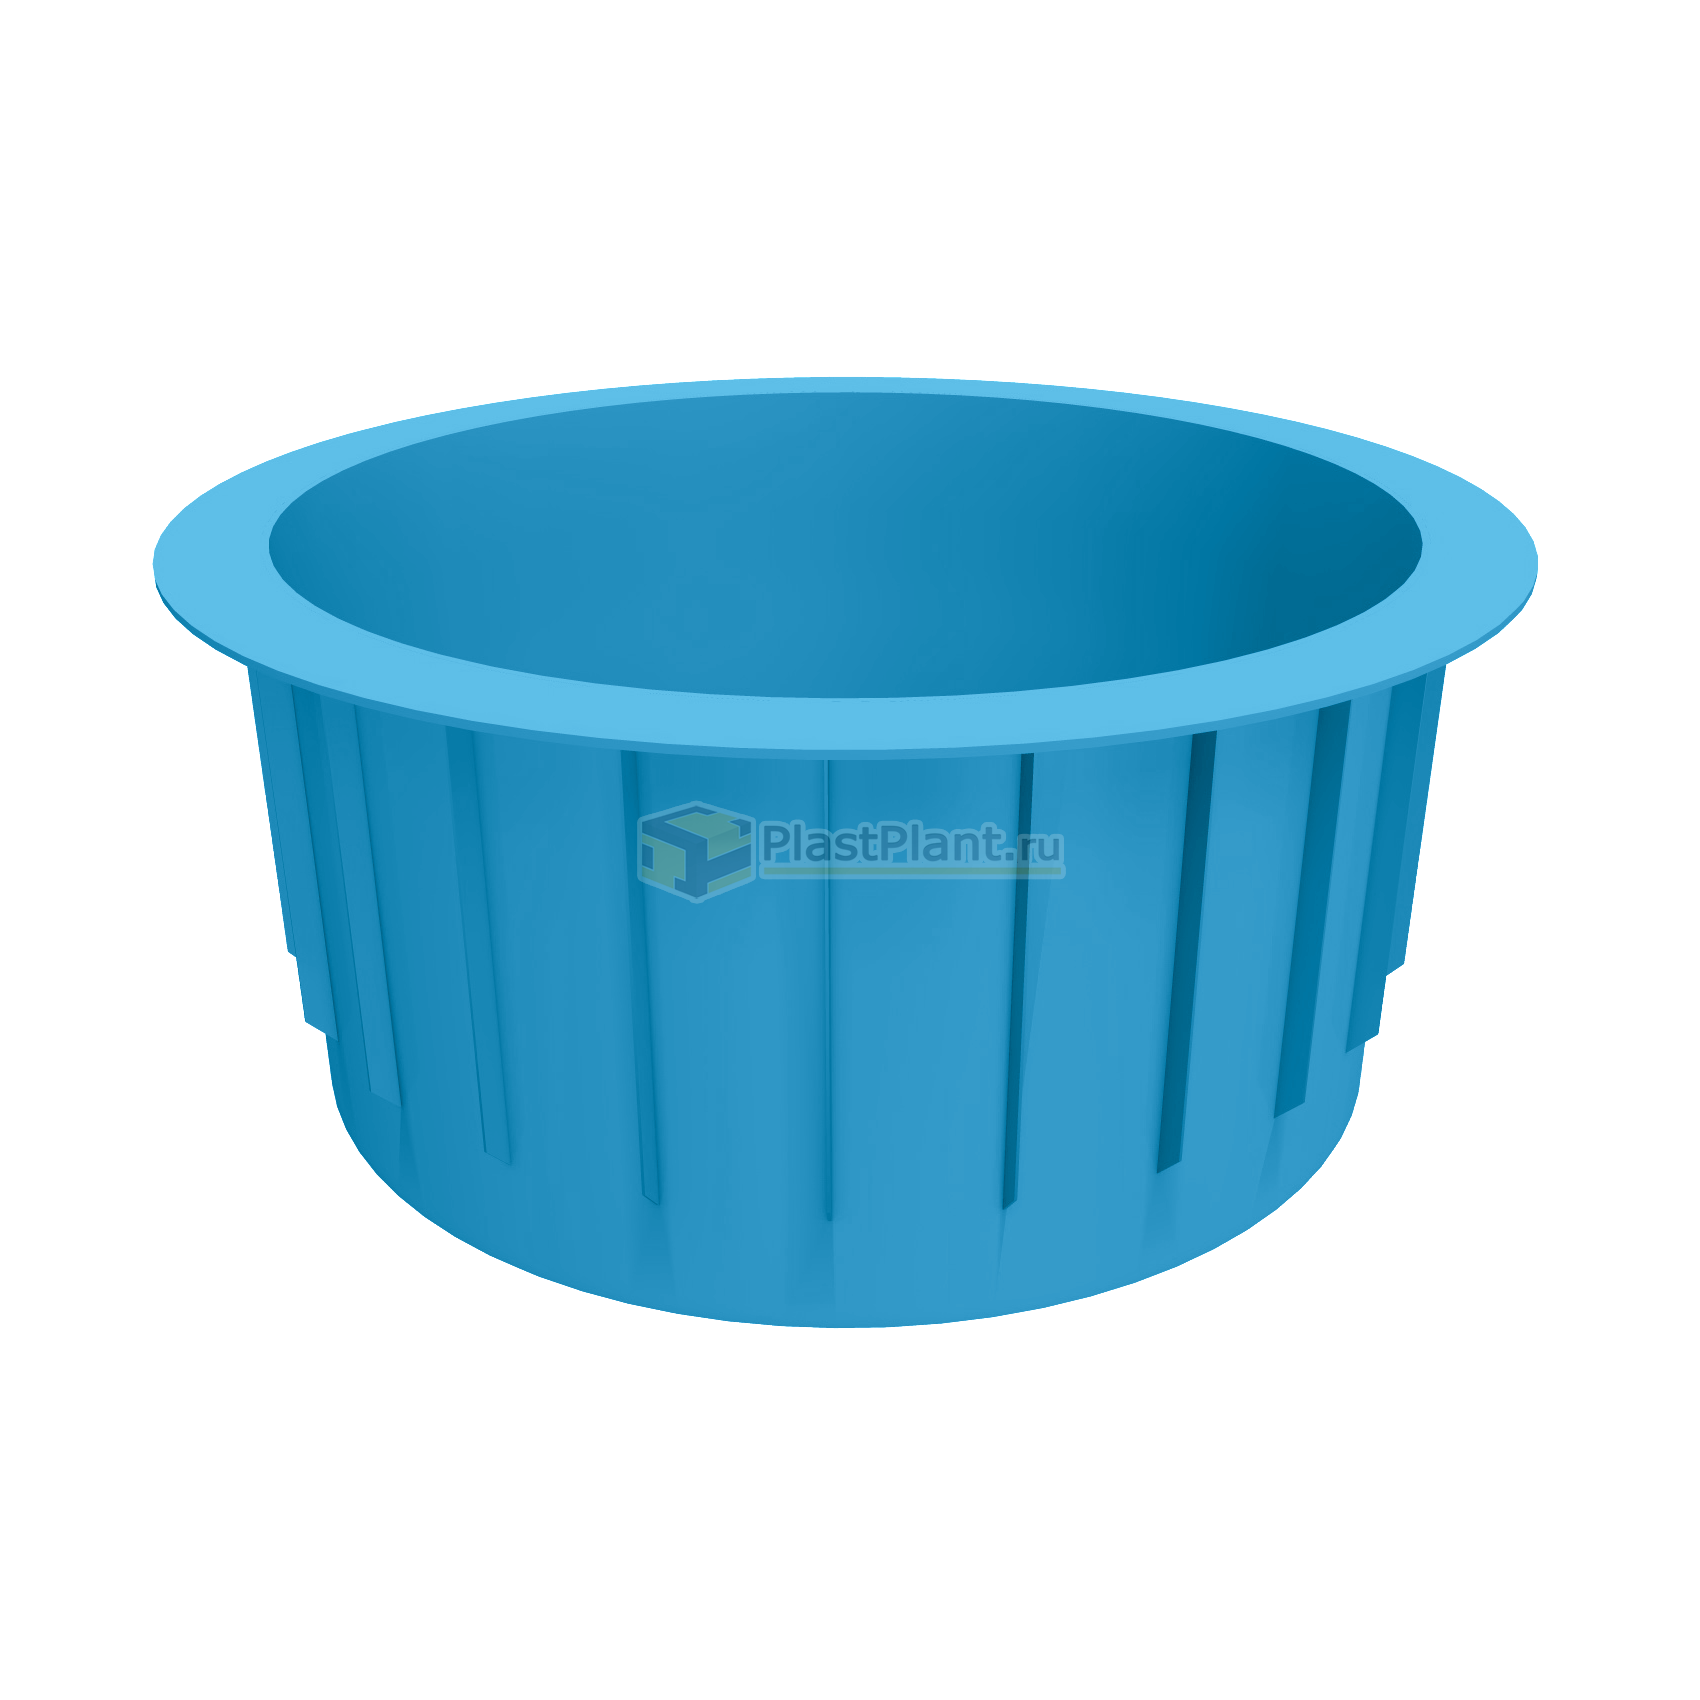 Купель круглая 2000x1200 полипропиленовая - купить в ПластПлэнт